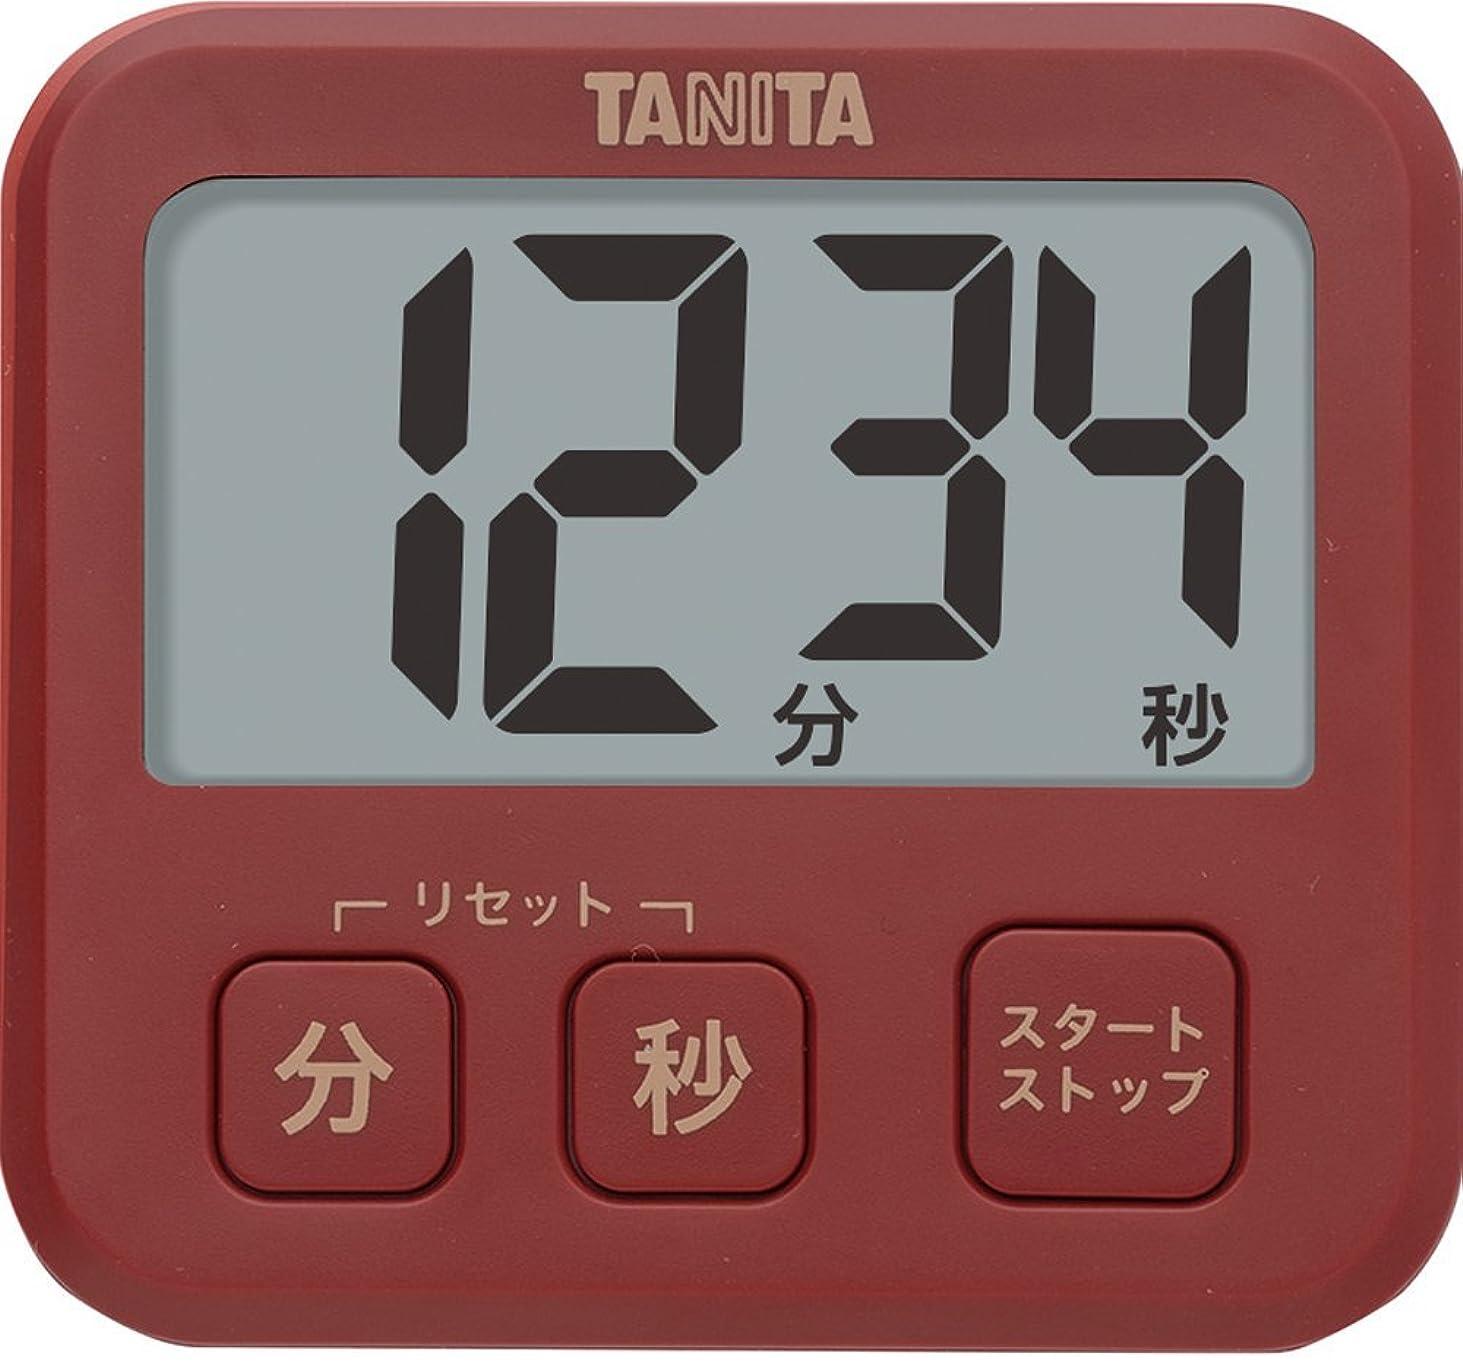 乳剤相談カートタニタ タイマー 薄型 レッド TD-408 RD 厚さ9.5mm